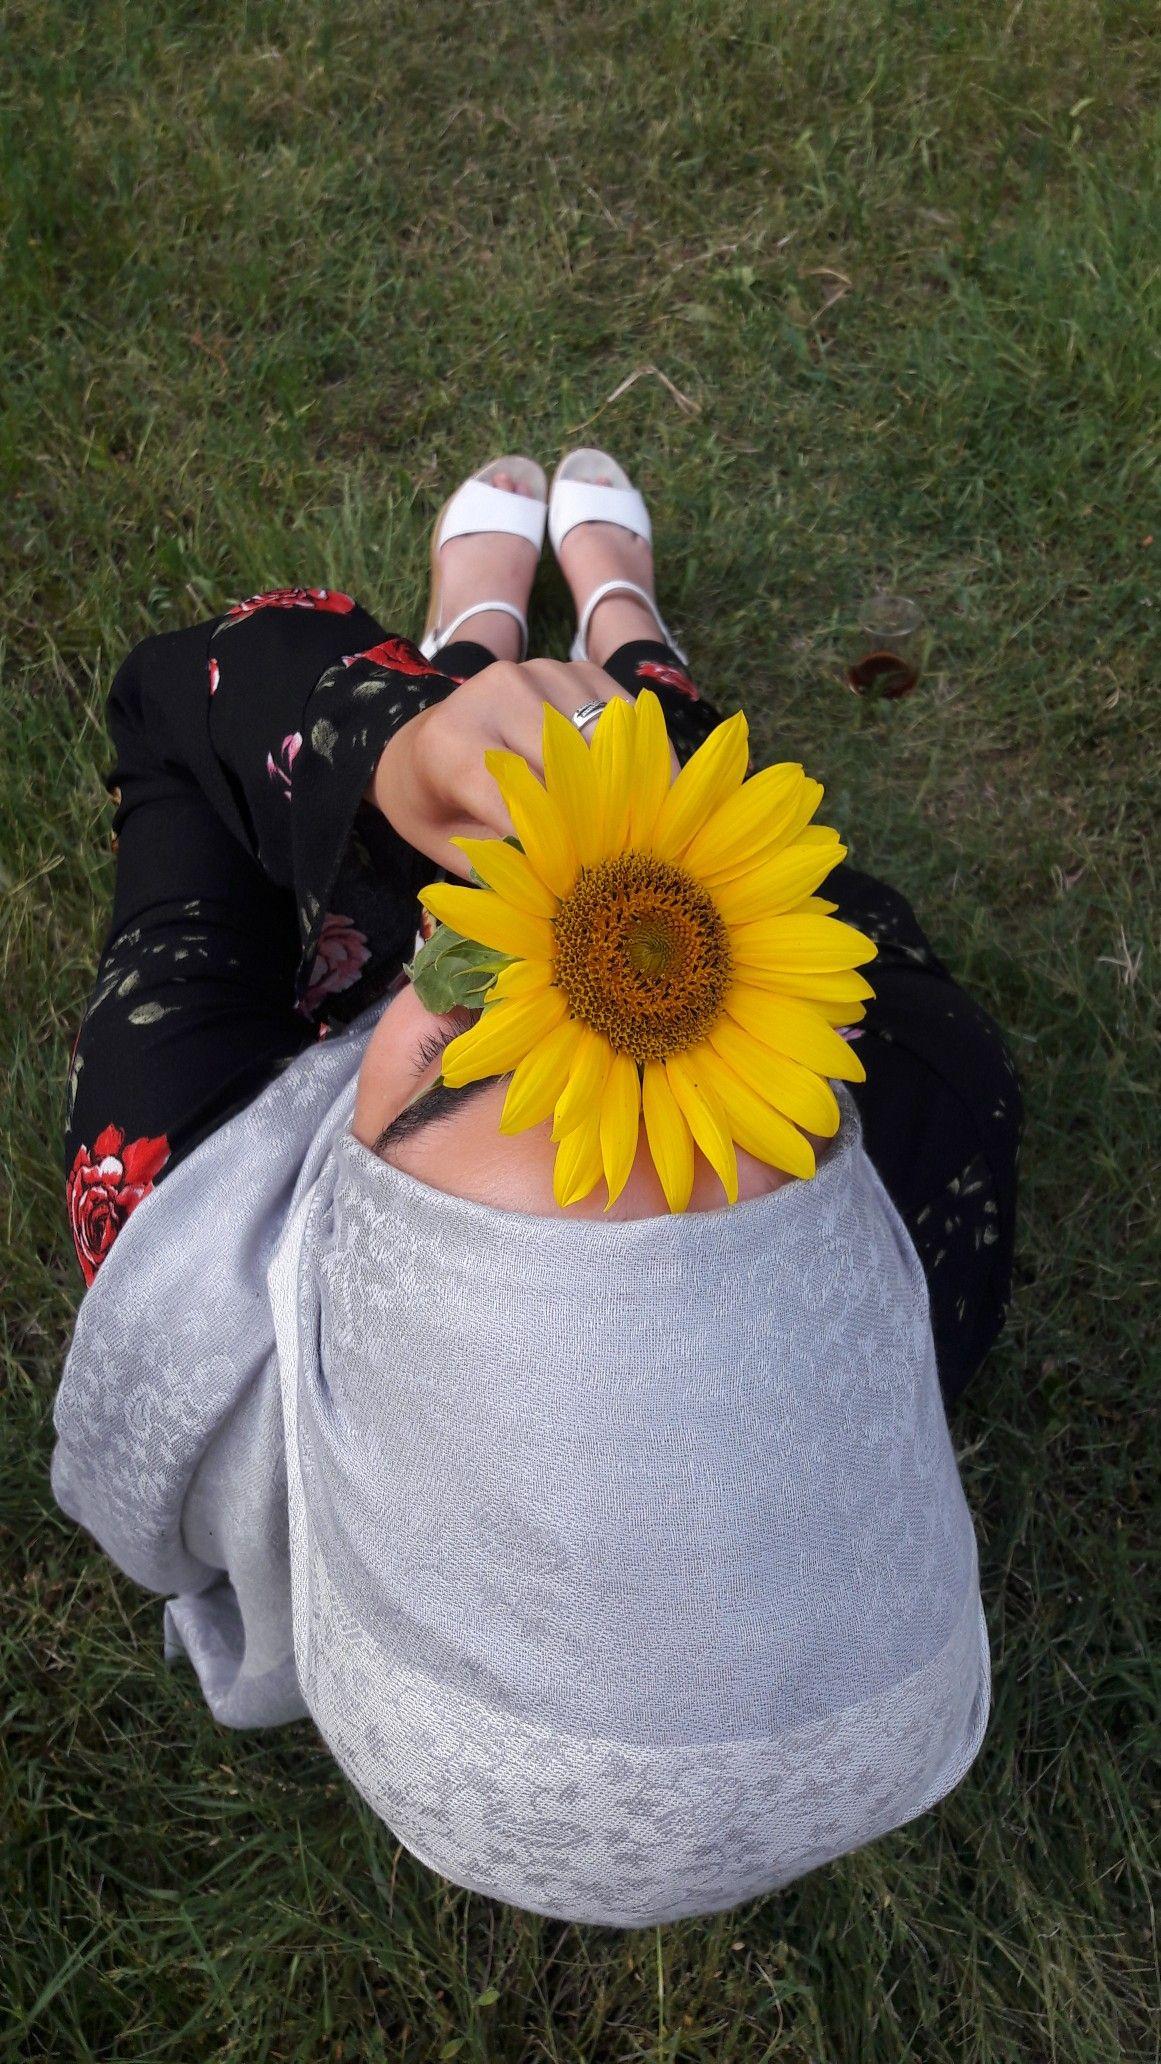 Ayca Hazan Adli Kullanicinin Fotograf Panosundaki Pin Basortusu Modasi Fotografcilik Pozlari Fotograf Cekimi